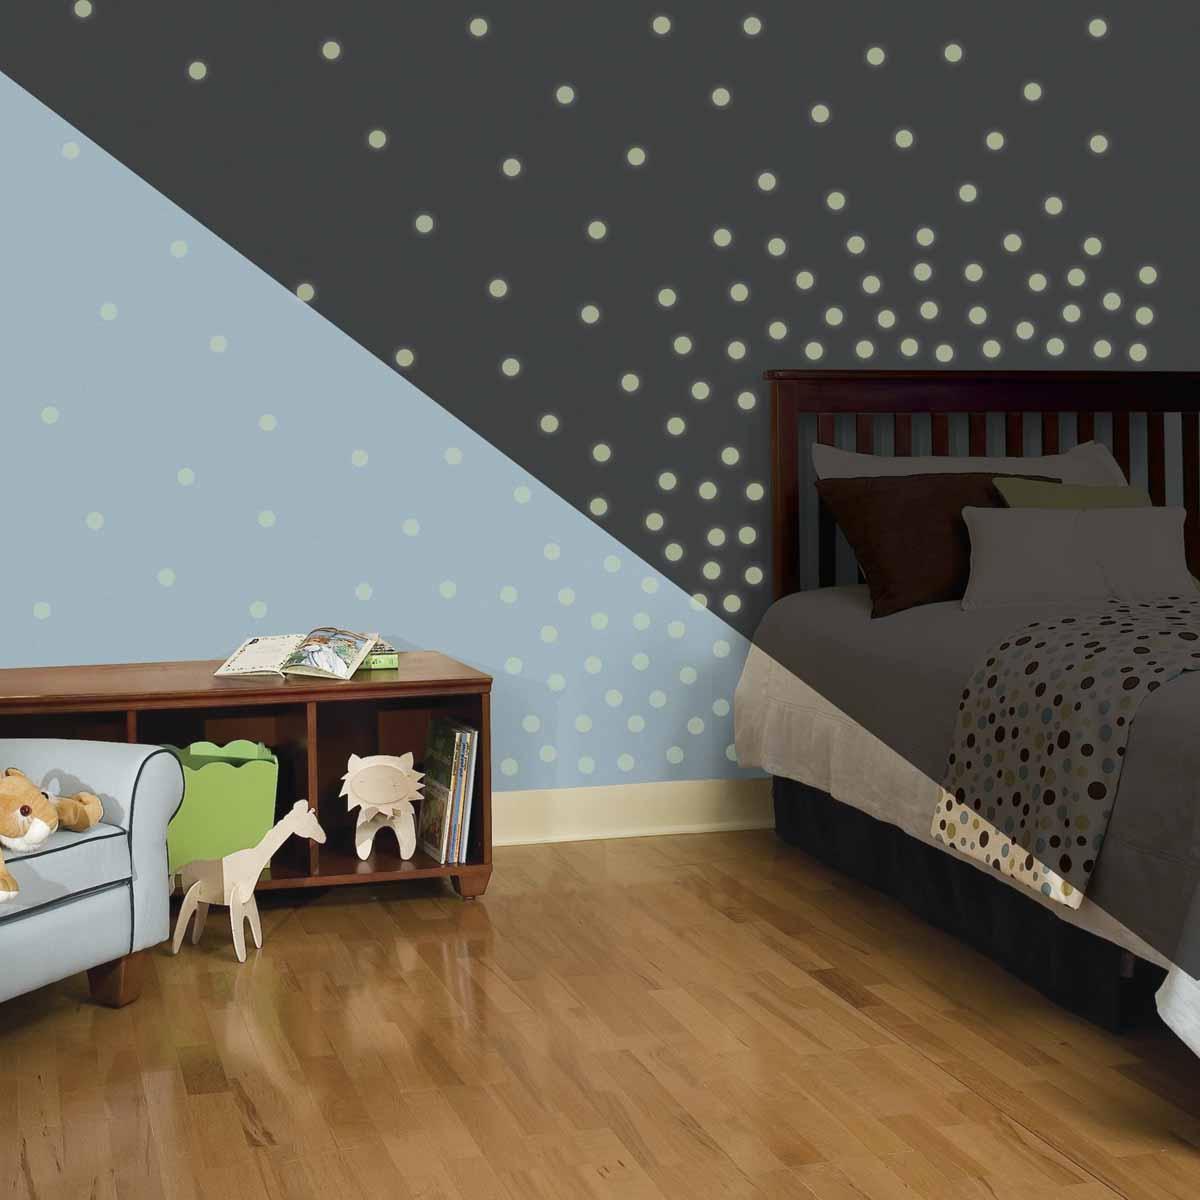 RoomMates Наклейка интерьерная Мерцающие точки 180 штRMK2792SCSНаклейки для декора Мерцающие точки от знаменитого производителя RoomMates станут украшением вашей квартиры! Придайте комнате другой вид с новым набором наклеек для декора, который светится в темноте! Наклейки светятся в темноте мягким светом! Пожалуйста, обратите внимание на то, что для достижения эффекта свечения наклейки должны побыть под воздействием прямого солнечного света! Прекрасный вариант для родителей, ребенок которых боится темноты. Всего в наборе 180 стикеров. Наклейки не нужно вырезать - их следует просто отсоединить от защитного слоя и поместить на стену или любую другую плоскую гладкую поверхность. Наклейки многоразовые: их легко переклеивать и снимать со стены, они не оставляют липких следов на поверхности.